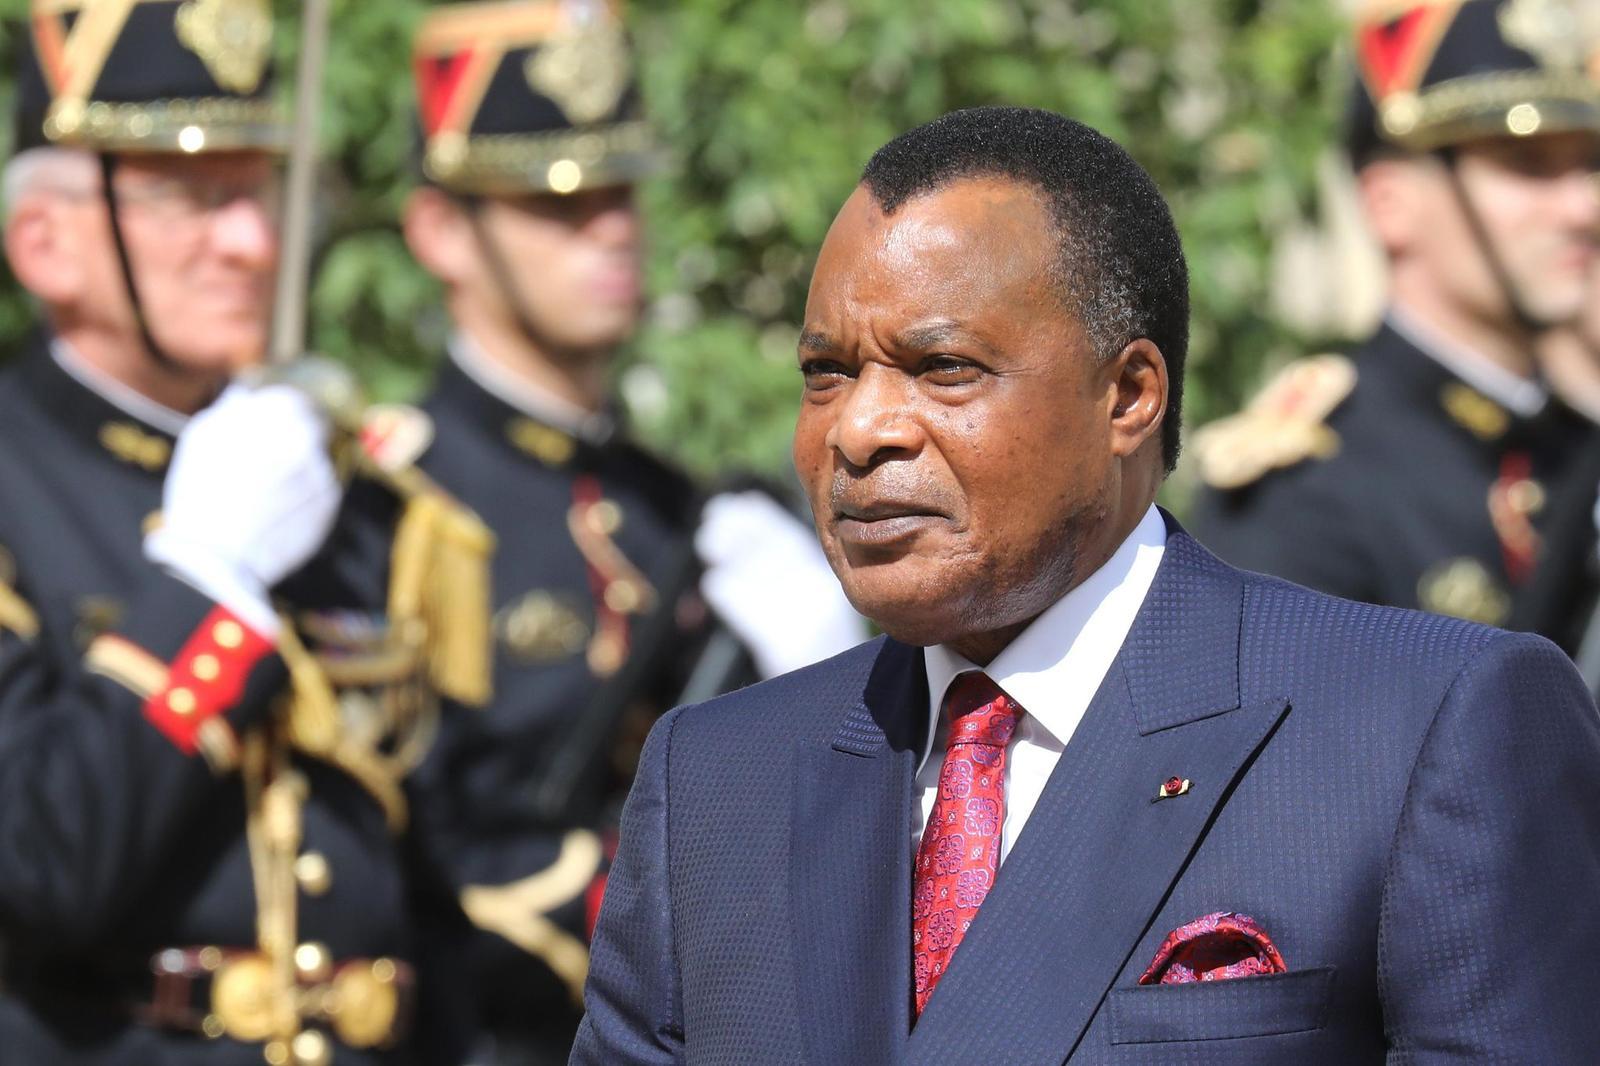 République du Congo : le fils de Sassou Nguesso nommé ministre dans le nouveau gouvernement